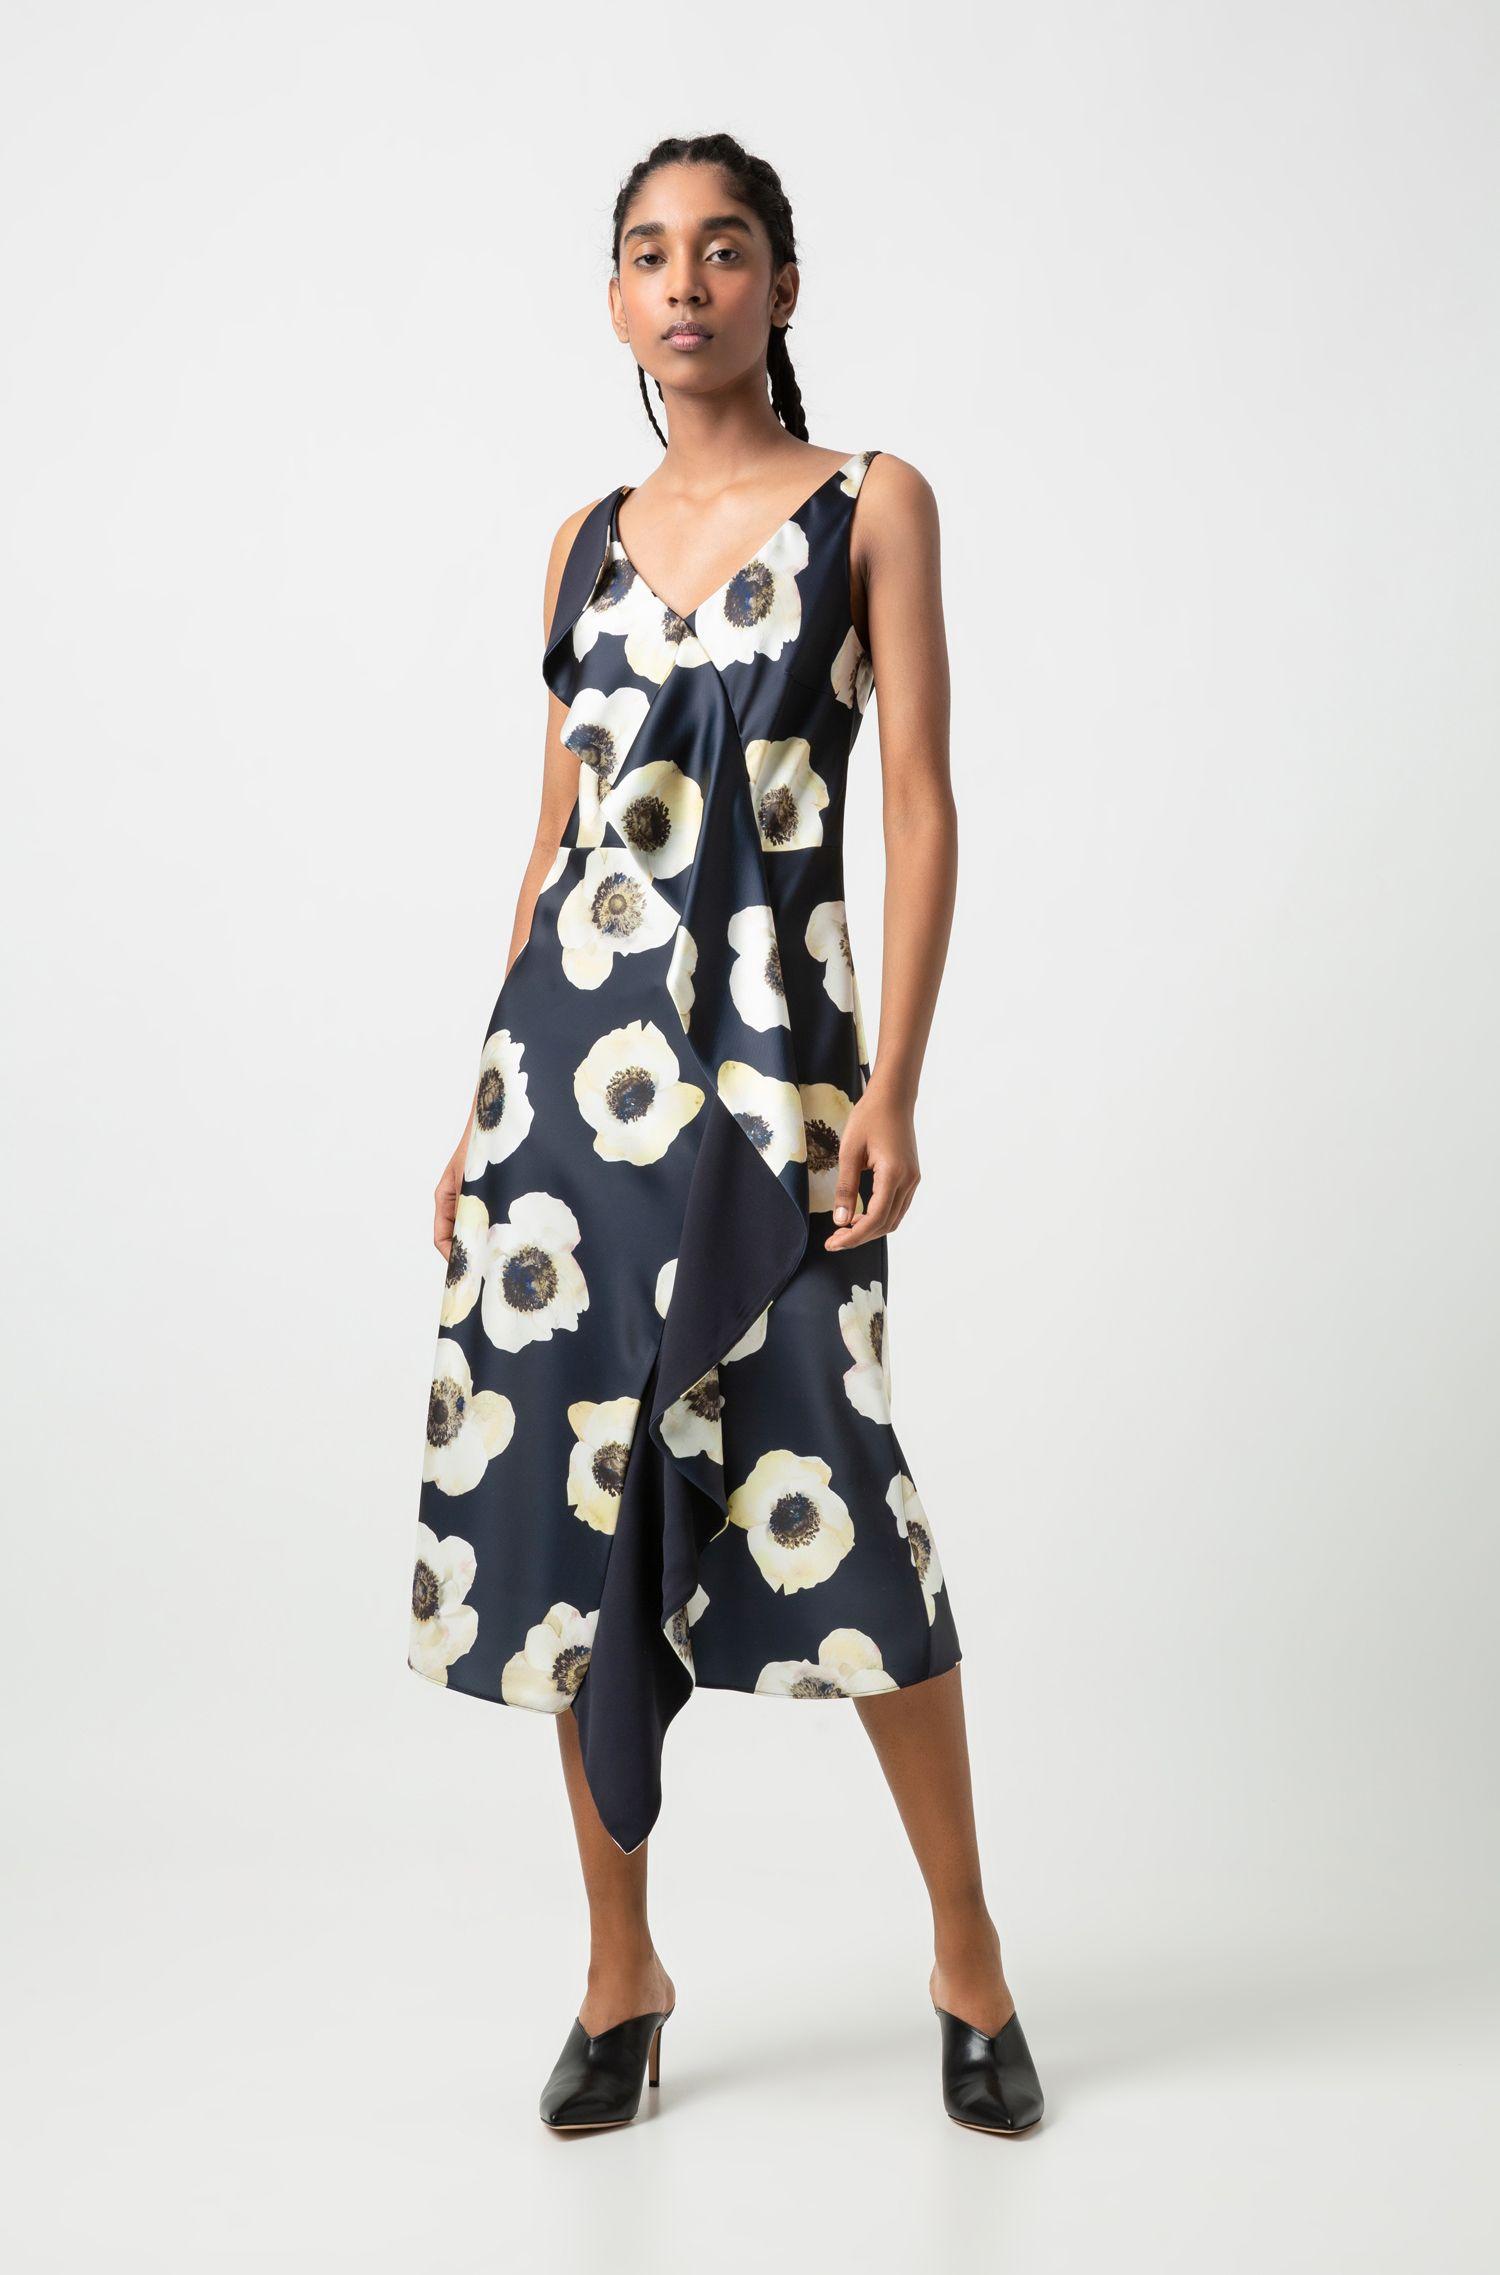 Ärmelloses Kleid mit großem Blumenprint und Volant, Gemustert